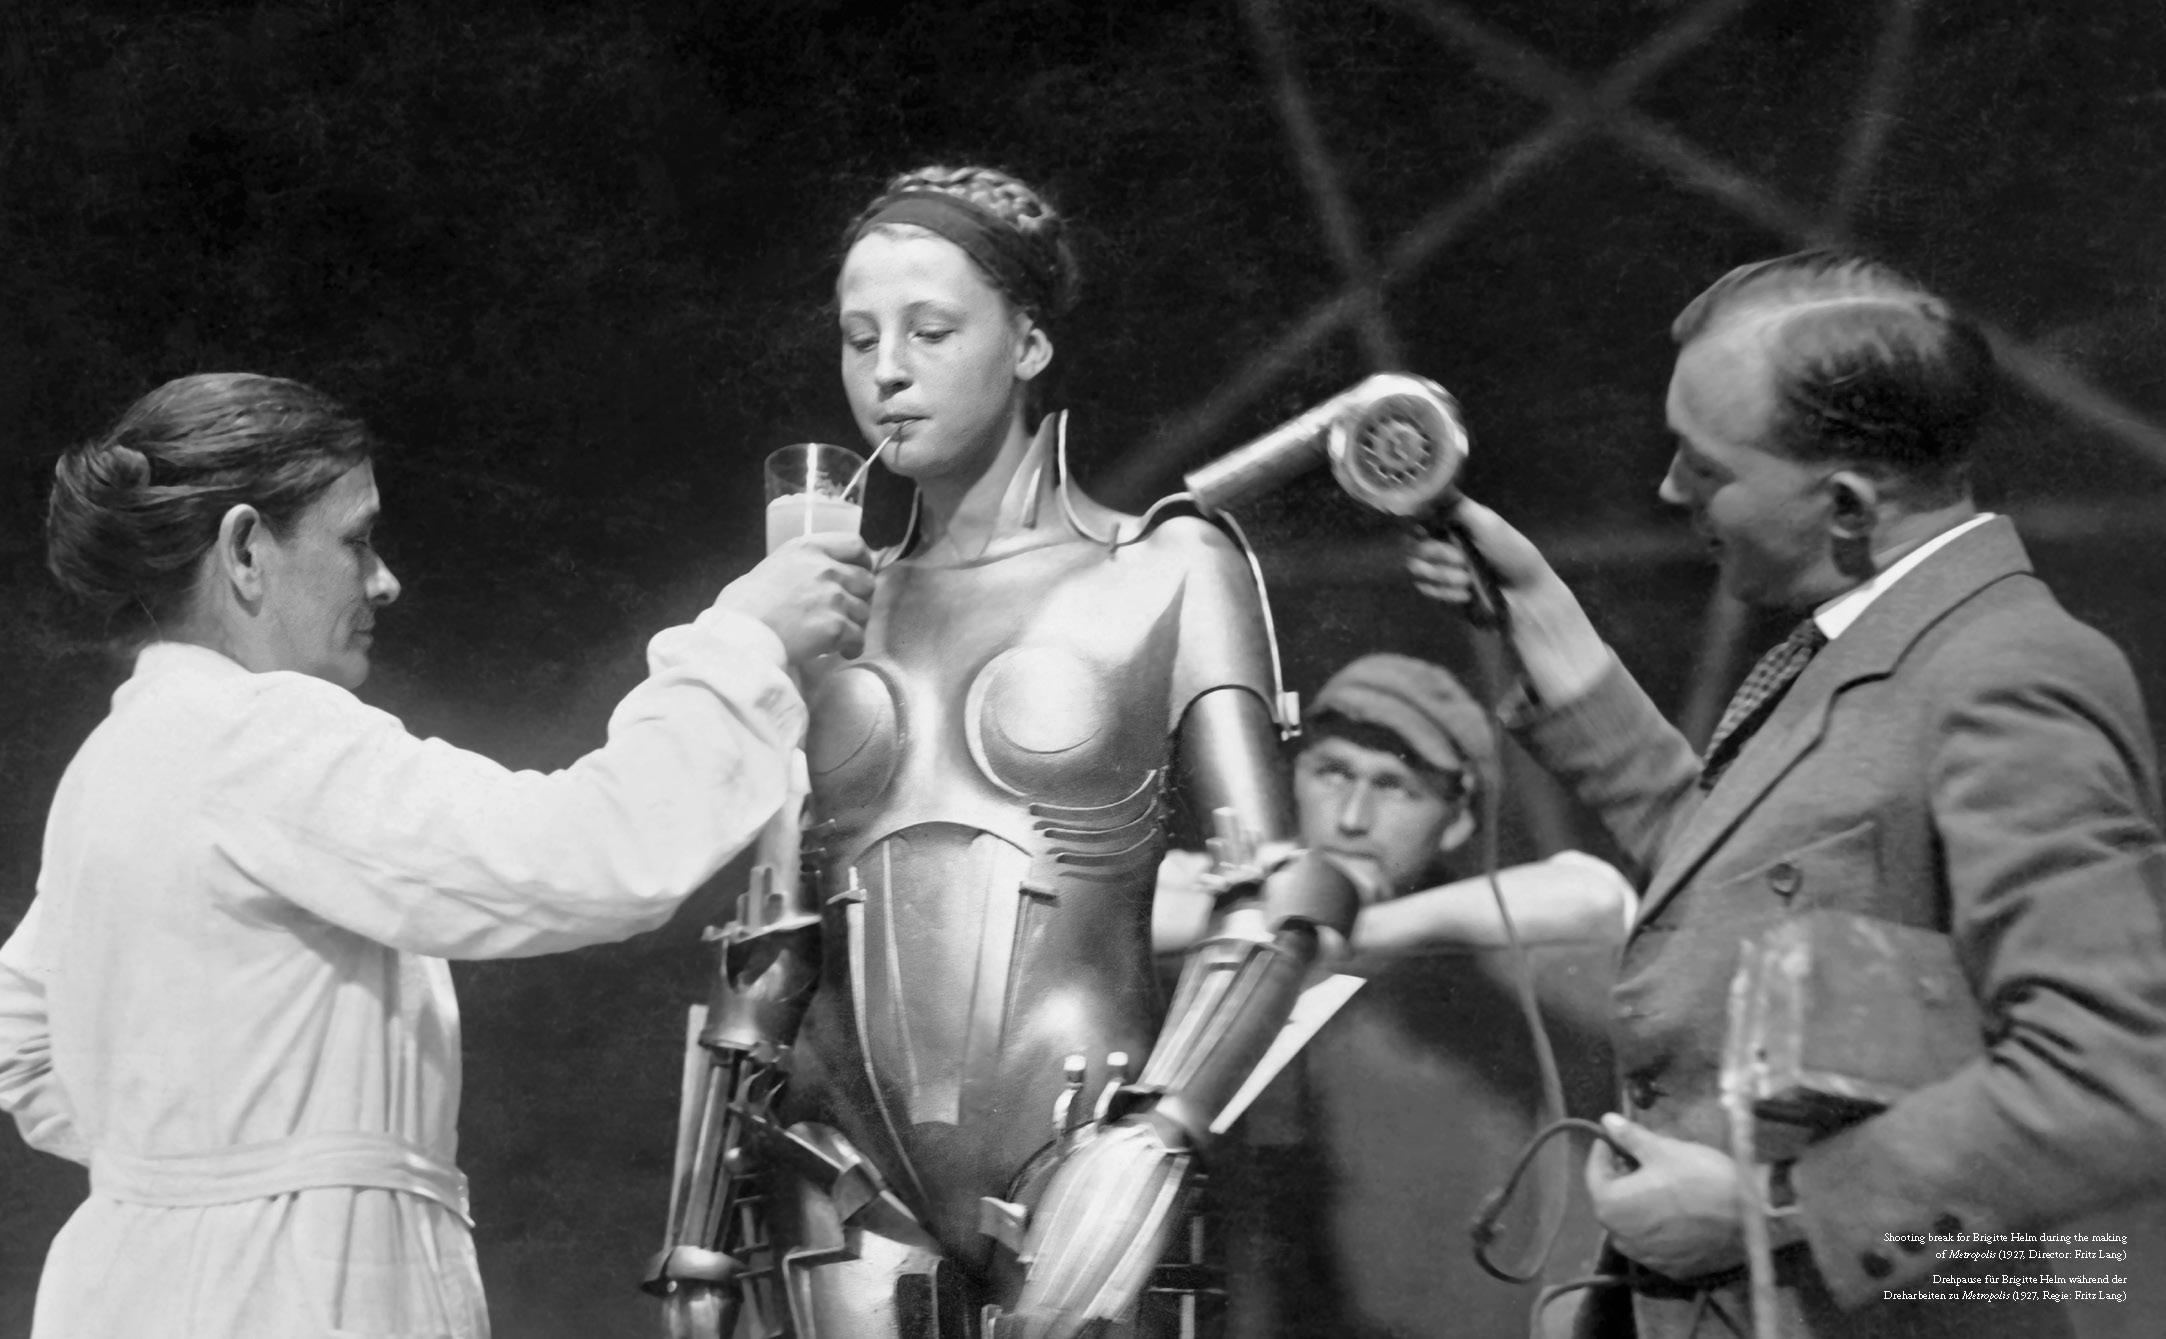 Metropolis Brigitte Helm